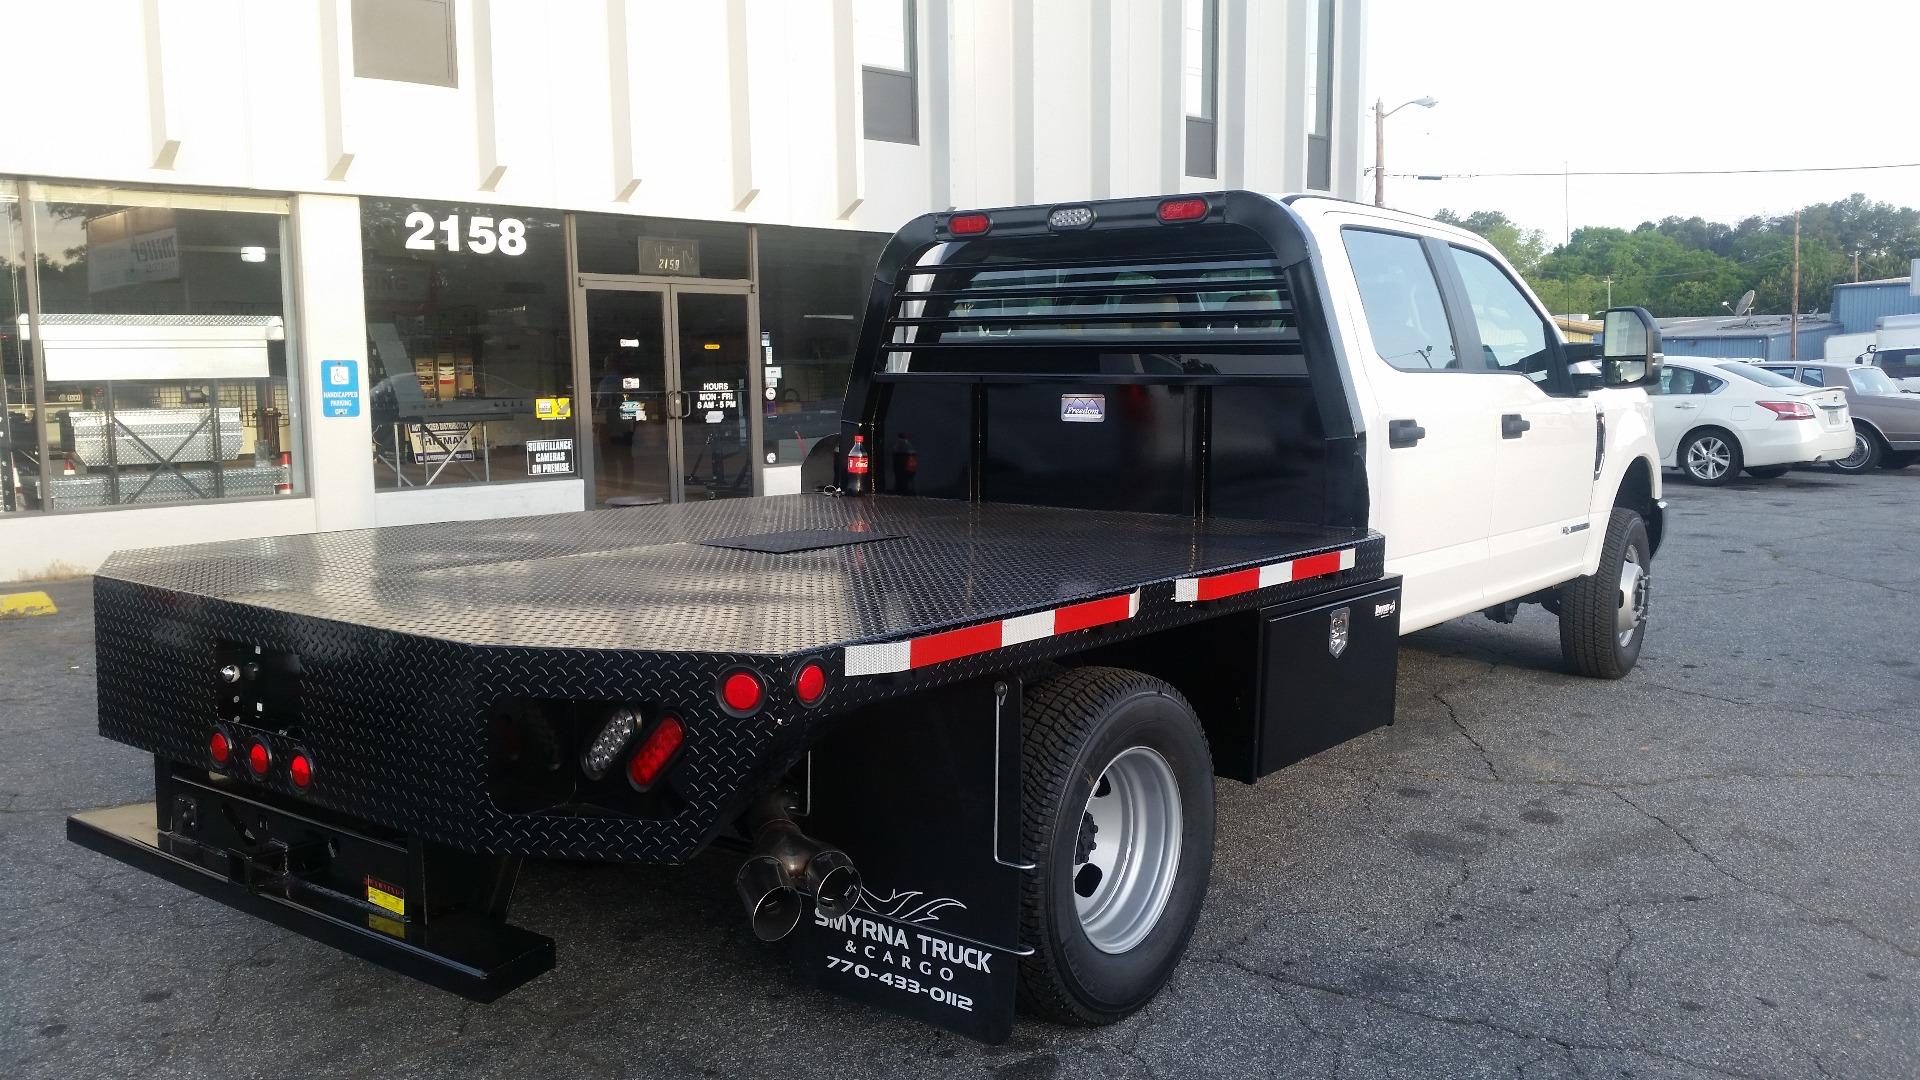 Smyrna Truck And Cargo Platform Body Trucks